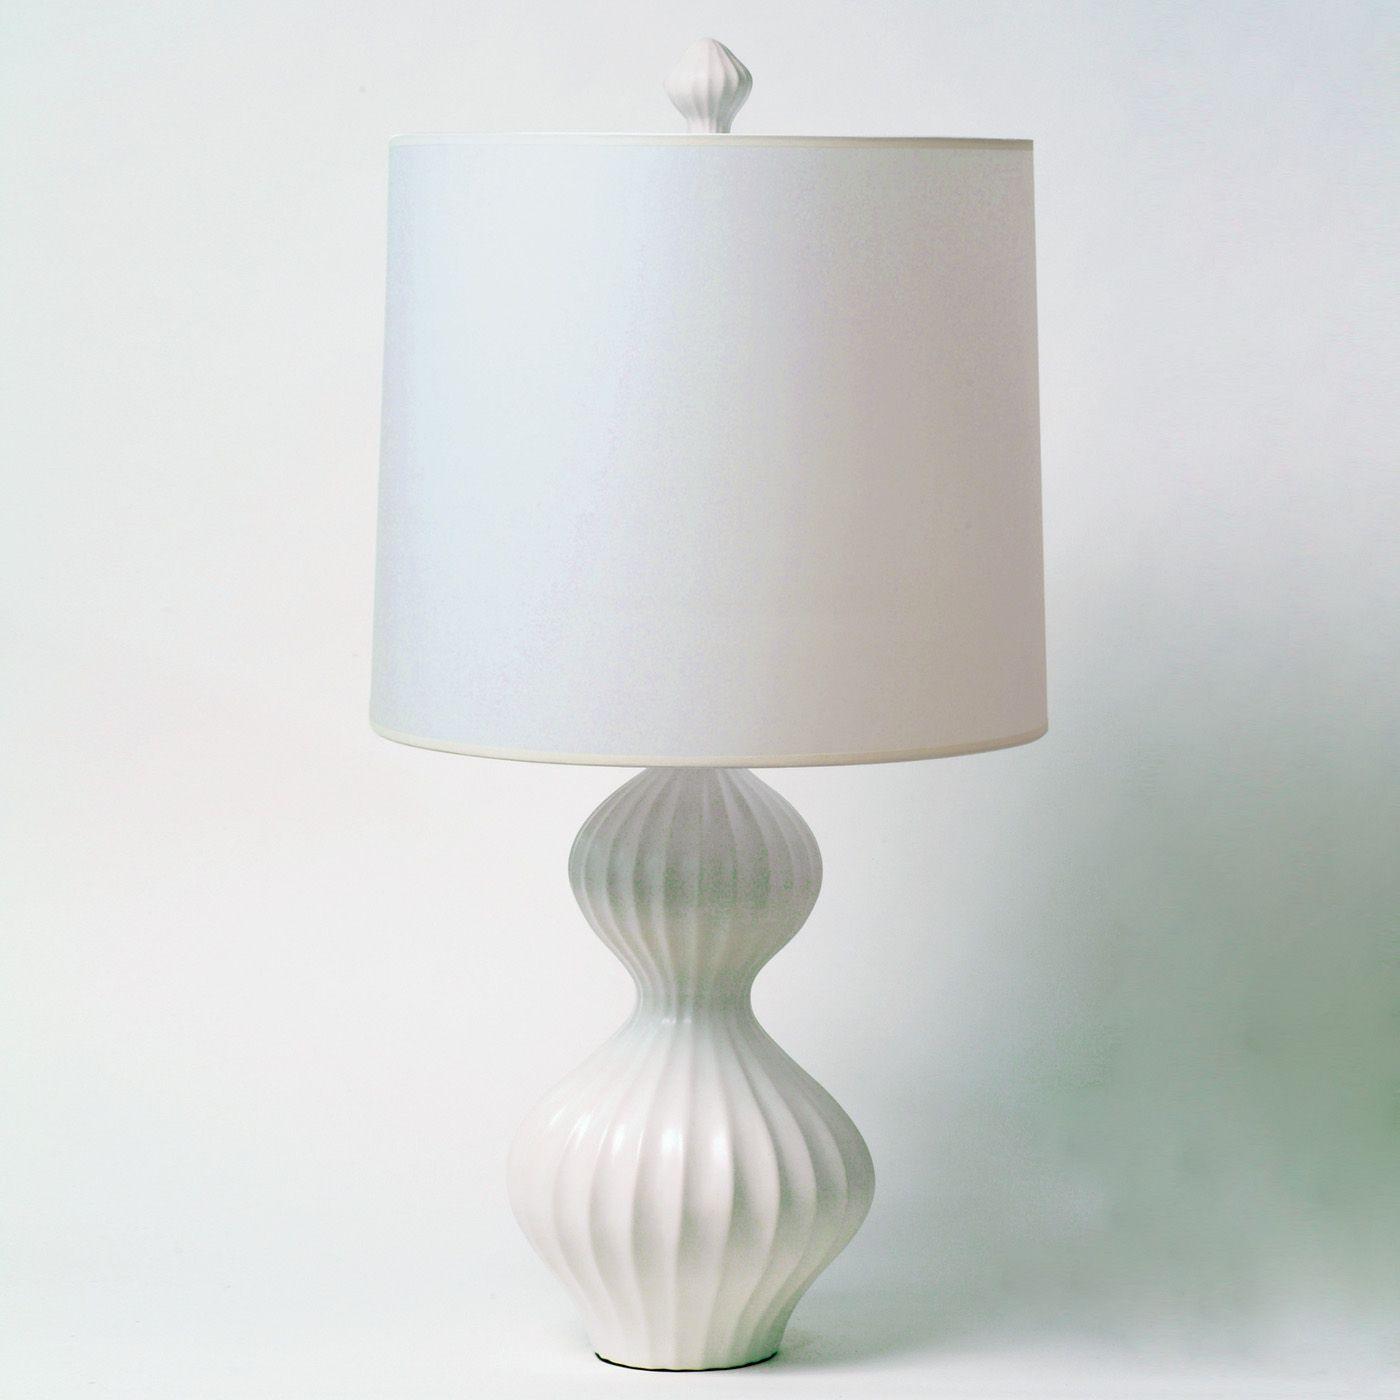 Jonathan Adler Lamp Nelson Modern Table Lamp Table Lamp